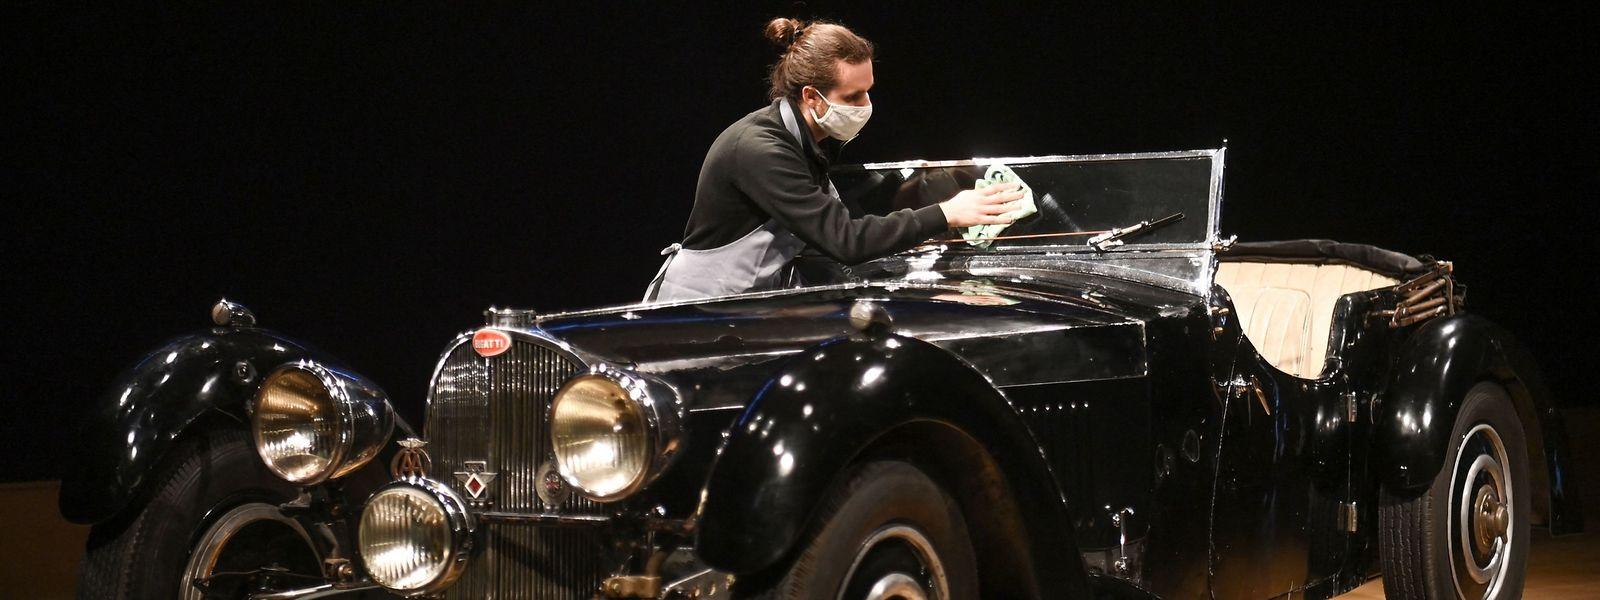 Letzter Schliff: Der Bugatti aus dem Jahr 1937 war die vergangenen 51 Jahre im Besitz eines britischen Sammlers.